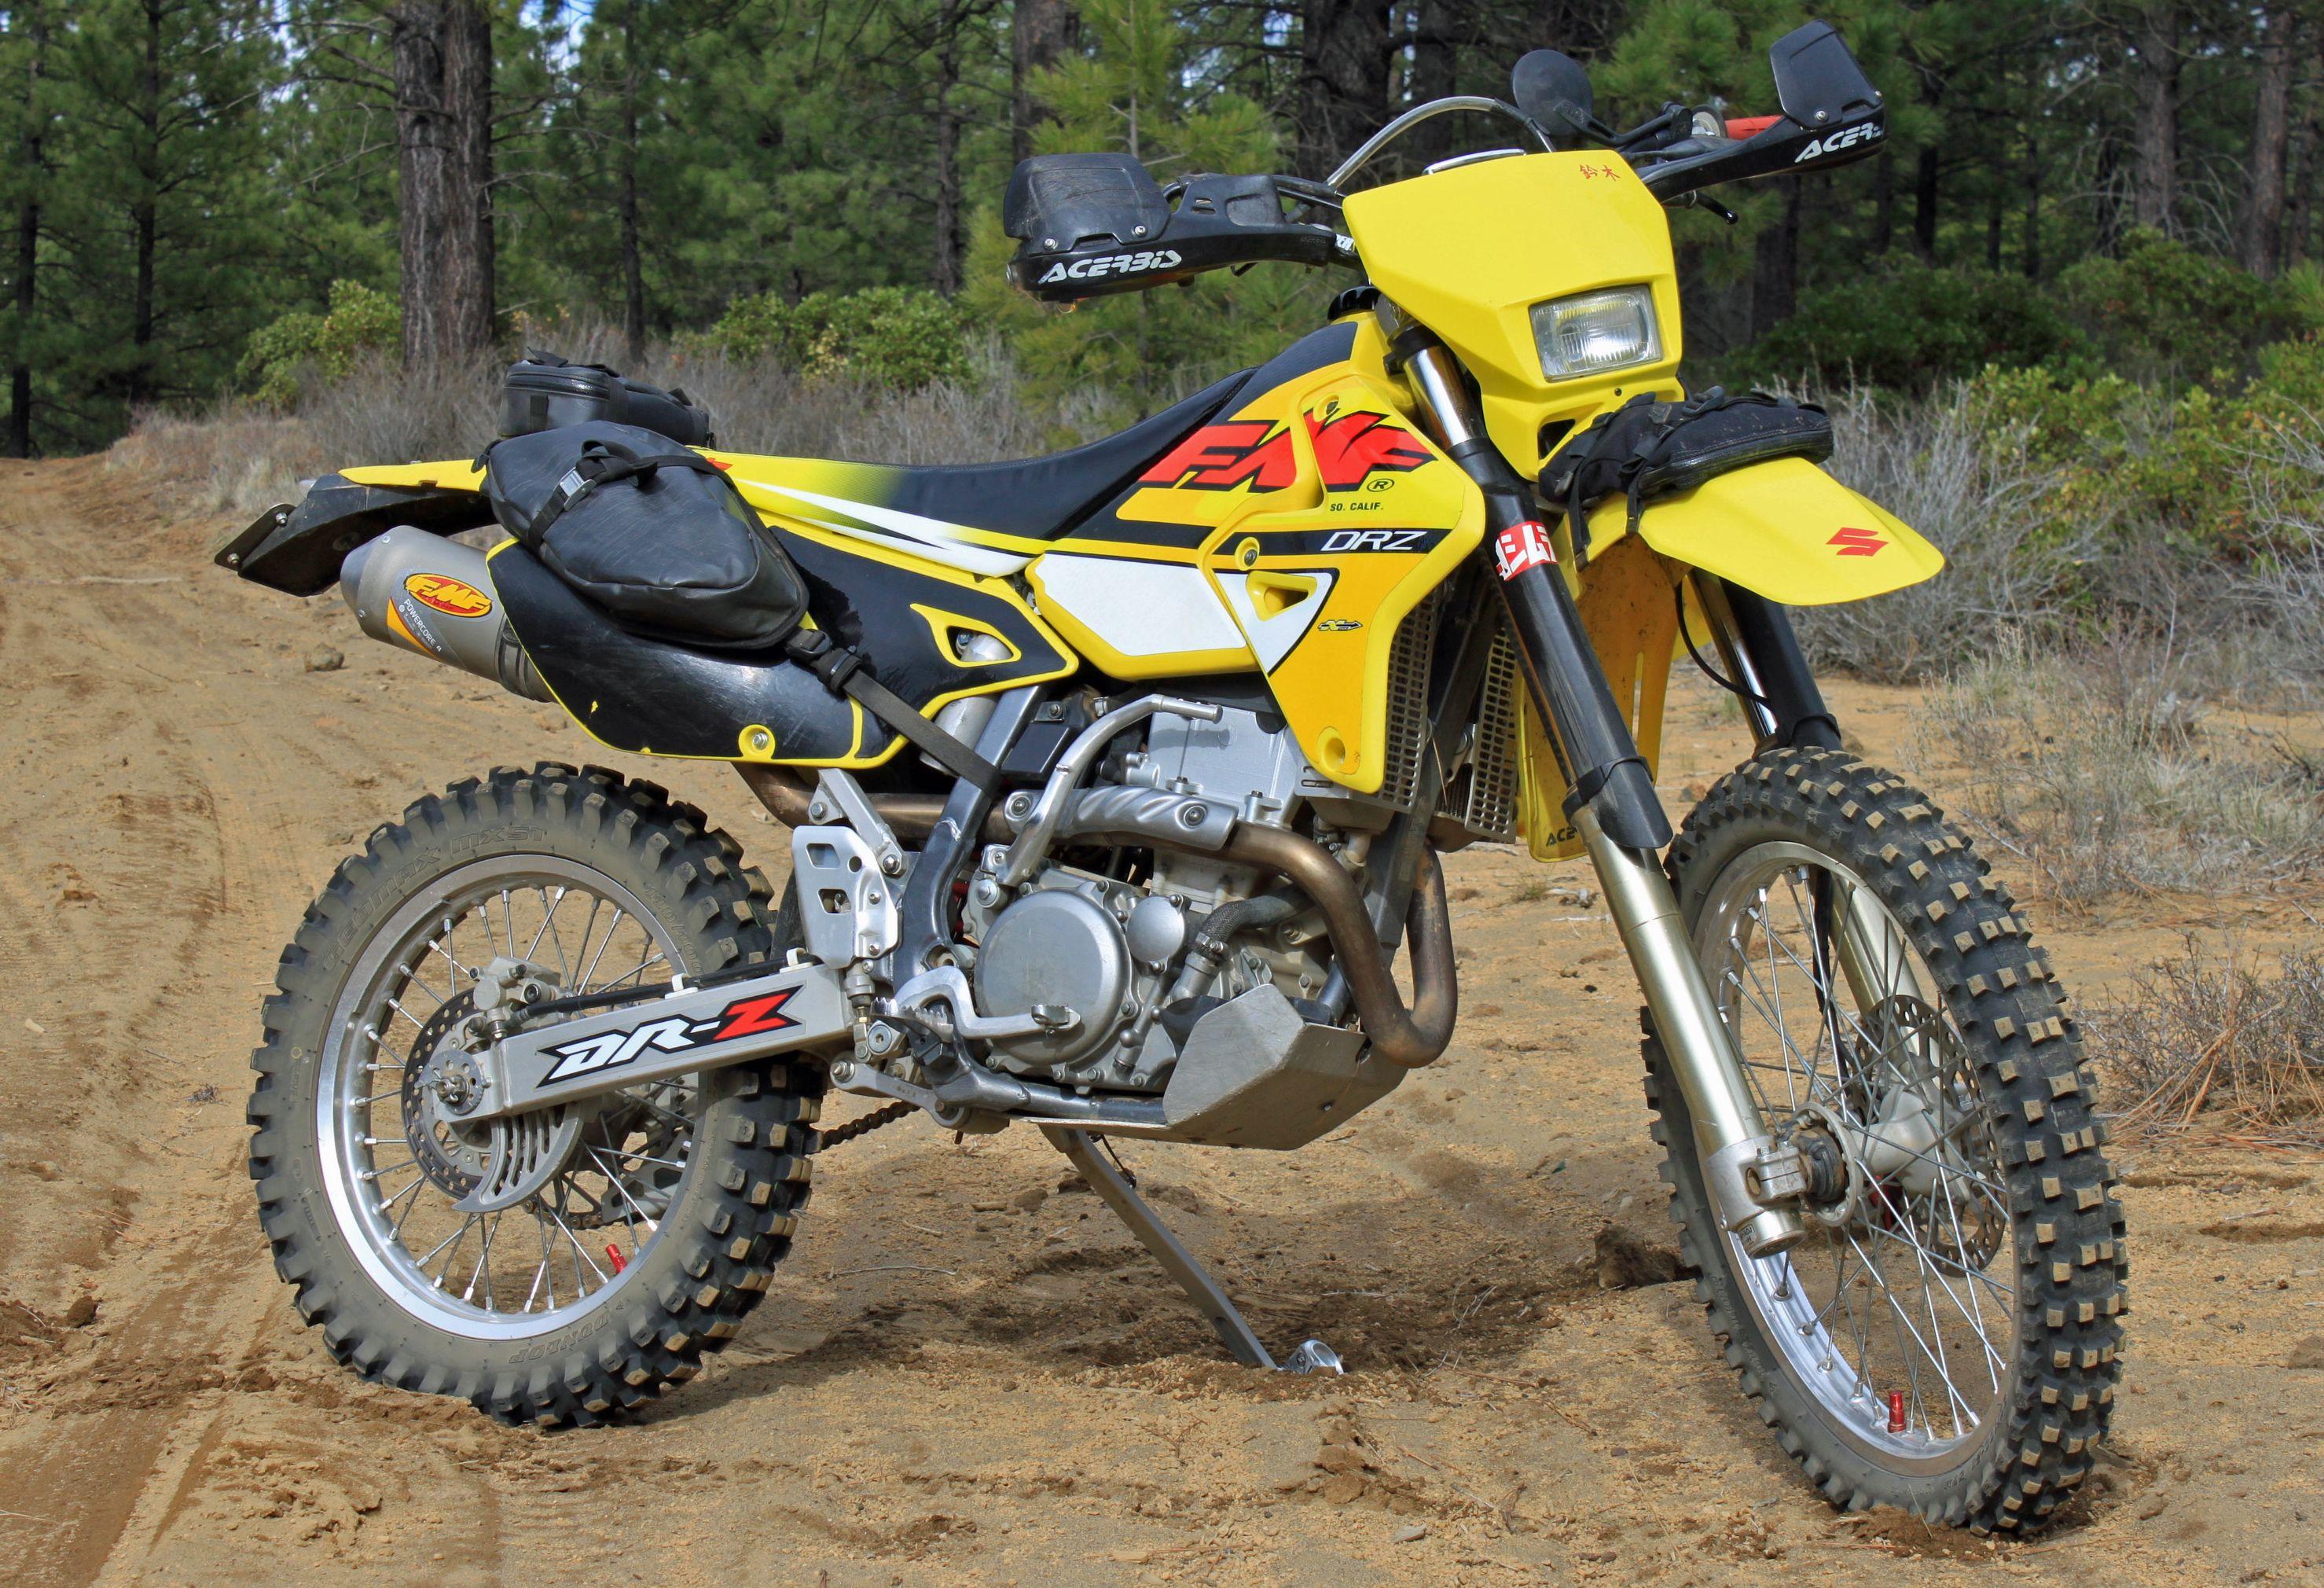 Suzuki-DR-Z400S (3) | Adventure Motorcycles | Pinterest | Dual sport ...